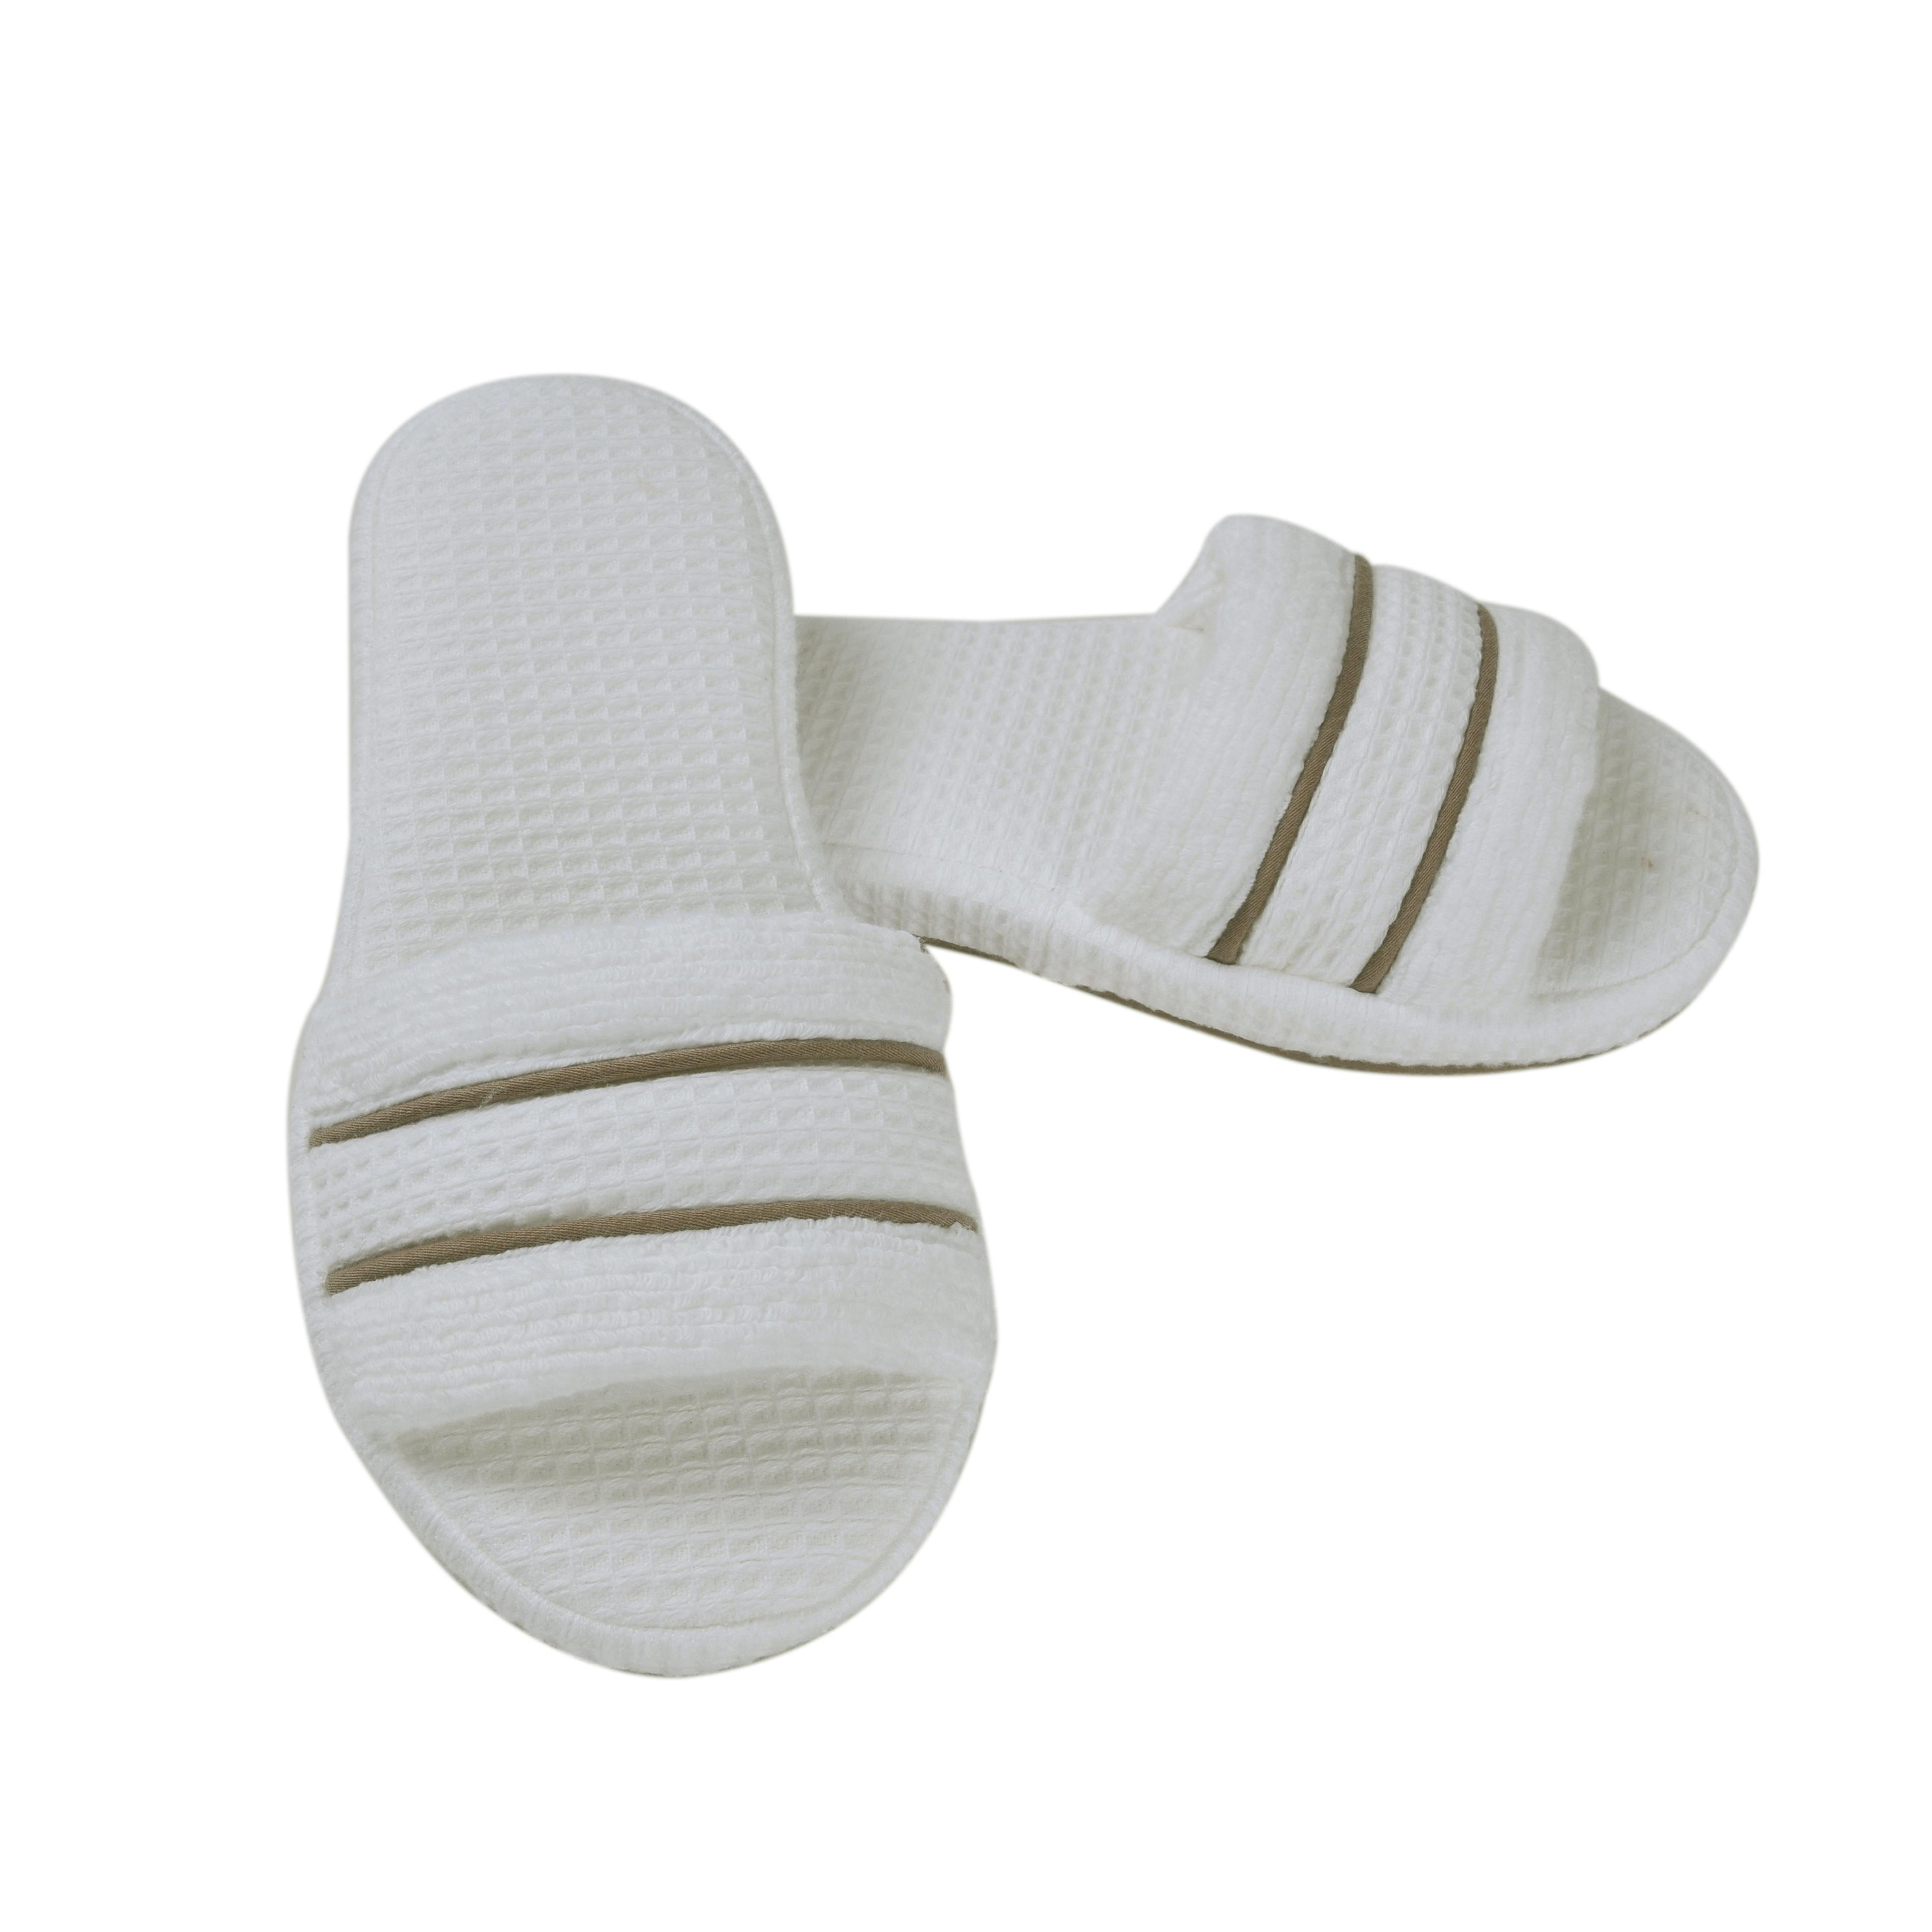 Тапочки Tosya Цвет: Белый, Коричневый (40-41) HAMAM ham436820